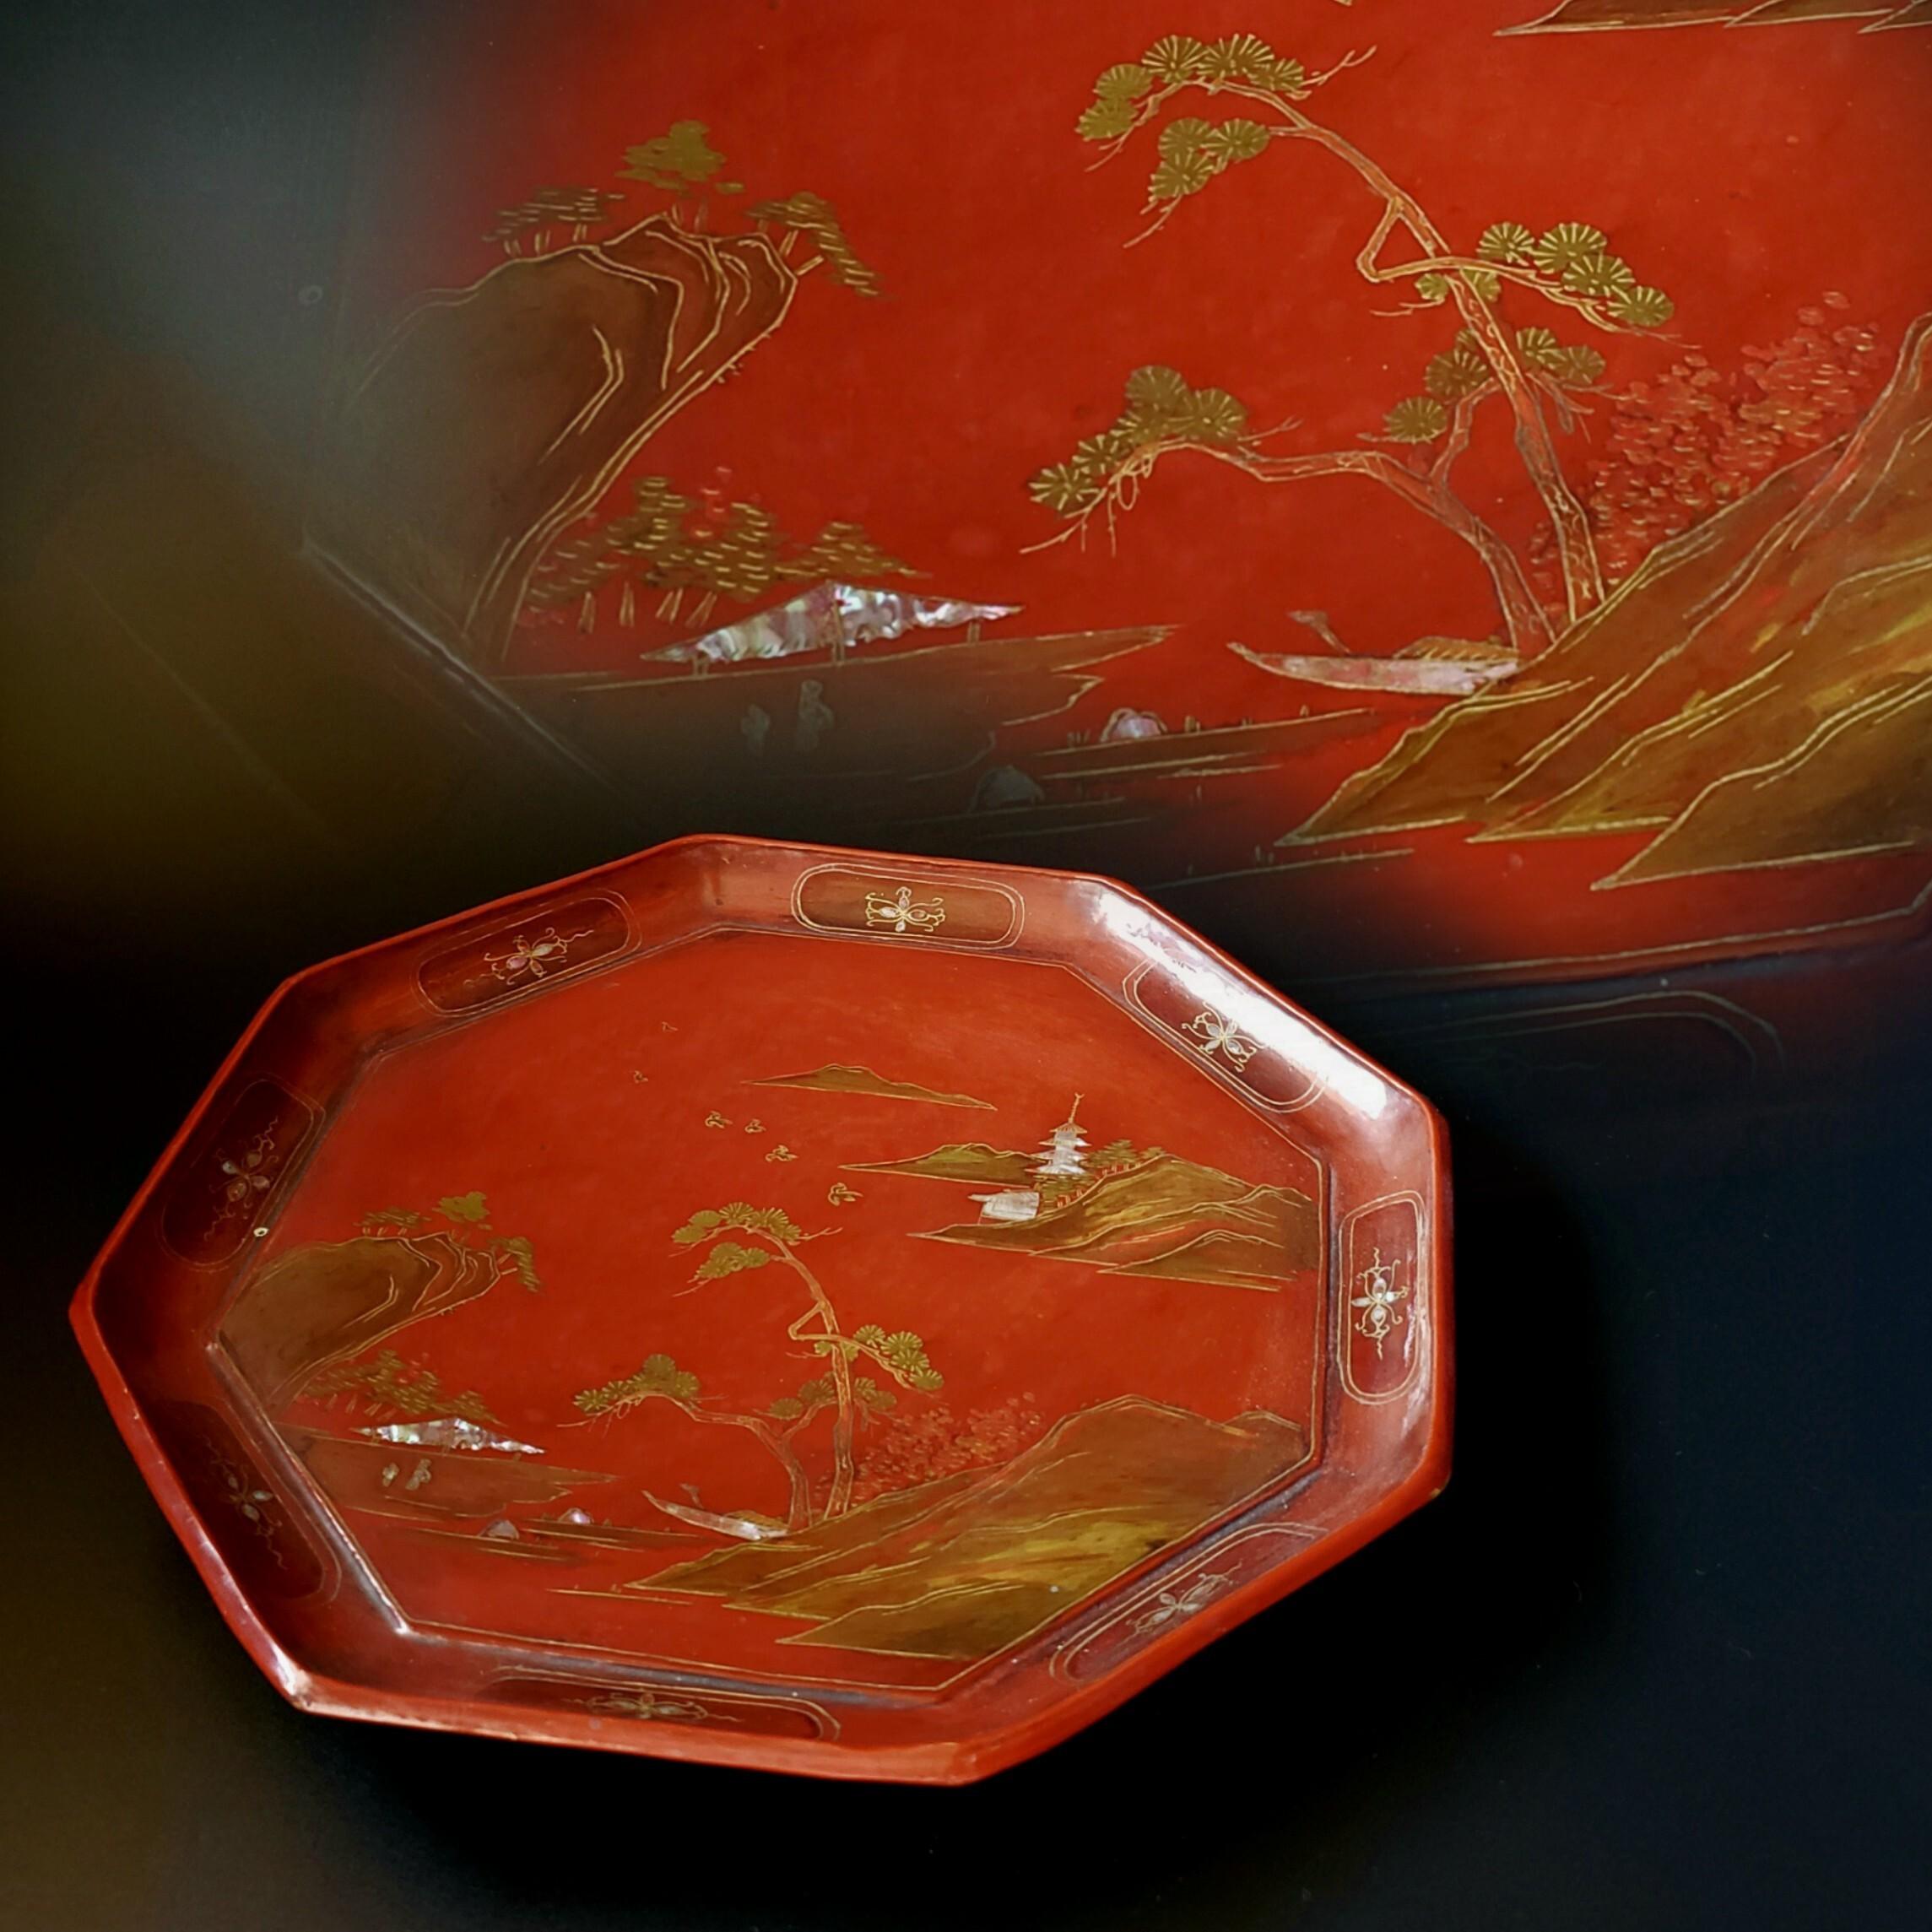 古美術品 琉球漆器 楼閣山水人物図 箔絵八角台付盆 18世紀 骨董 アンティーク